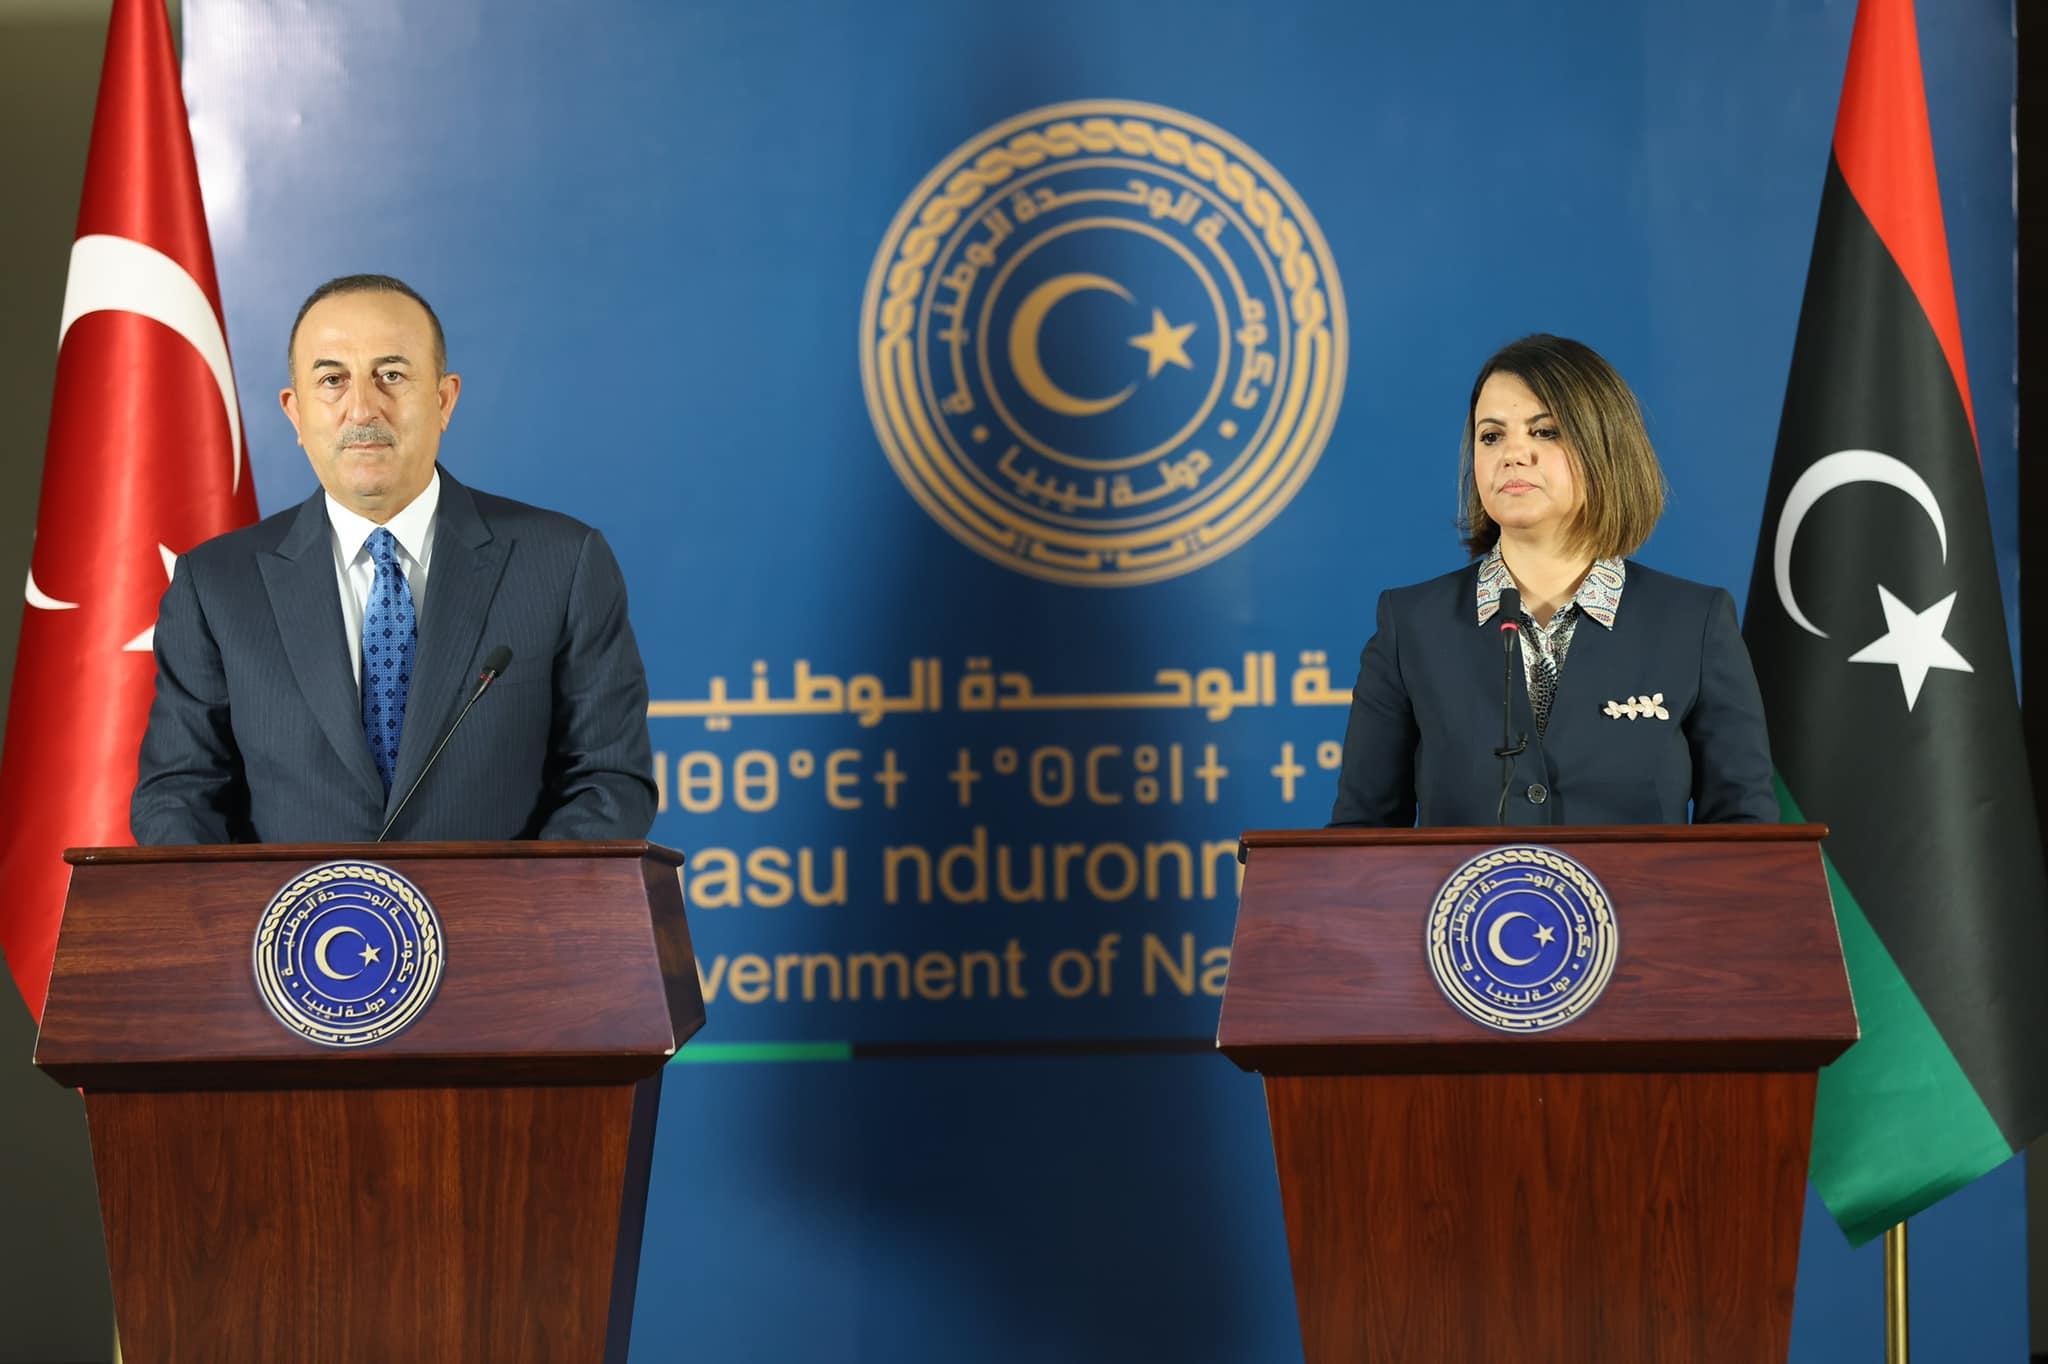 وزير الخارجية التركي يُجدد من طرابلس دعم بلاده للحكومة الليبية